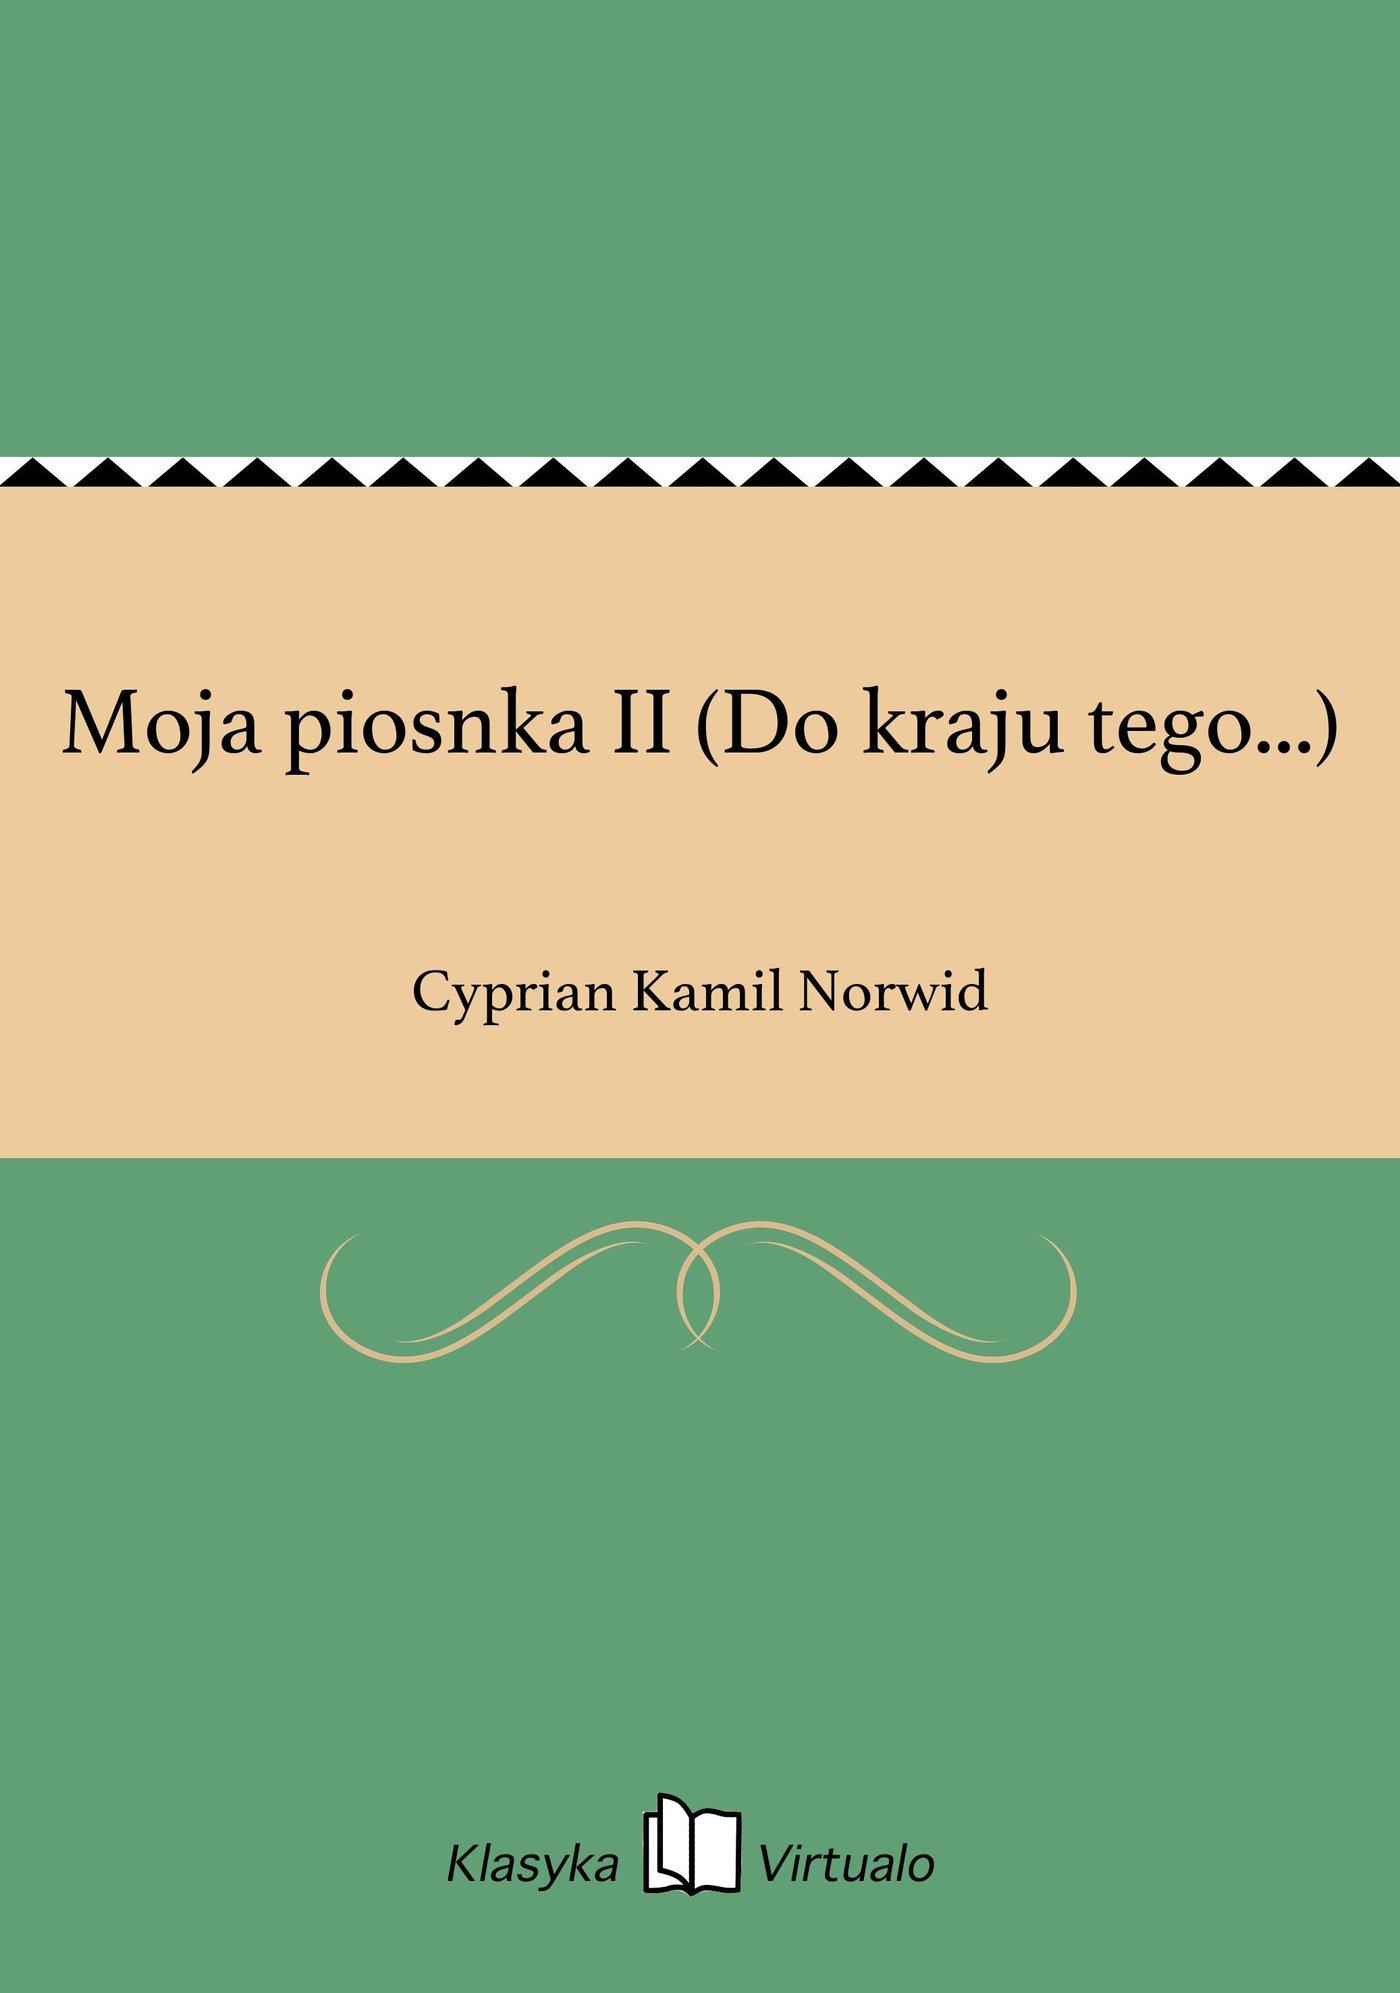 Moja piosnka II (Do kraju tego...) - Ebook (Książka EPUB) do pobrania w formacie EPUB